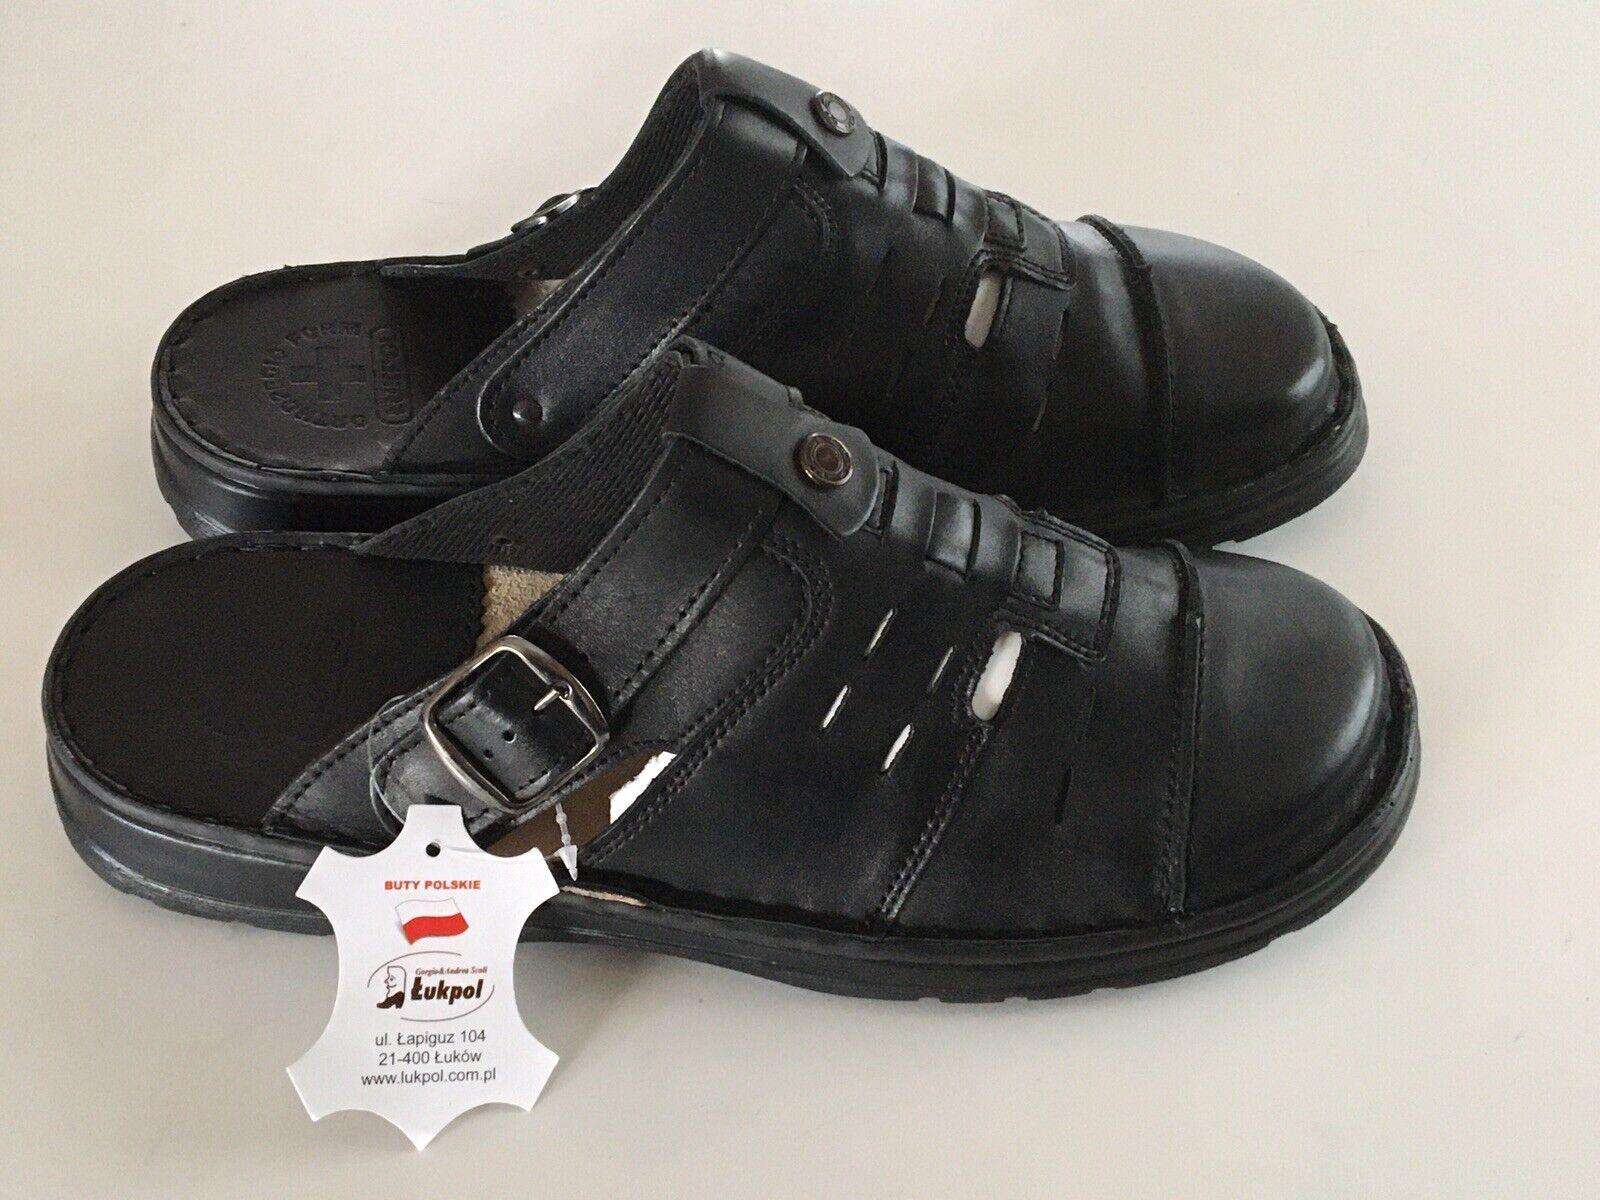 Black Leather Sandals Shoes Size EU 45